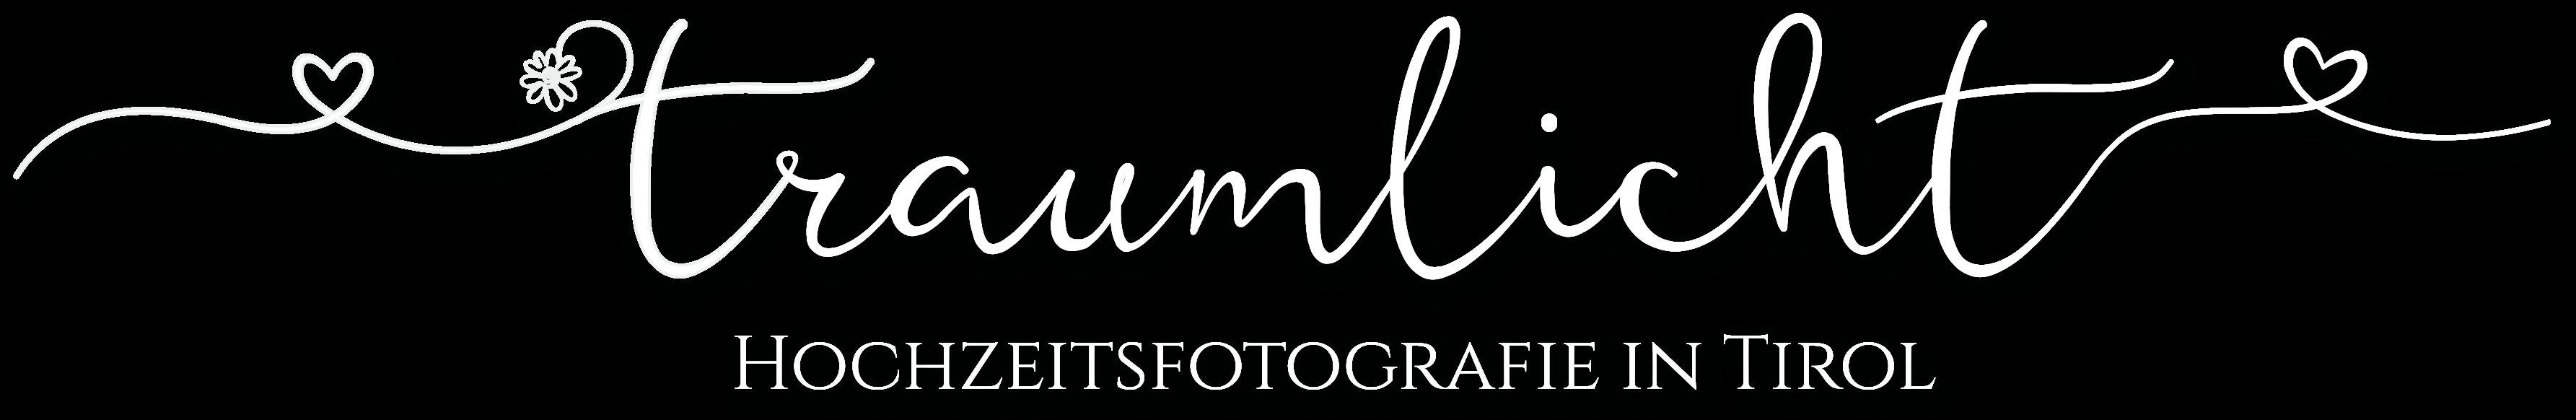 TRAUMLICHT - Hochzeitsfotografie in Tirol